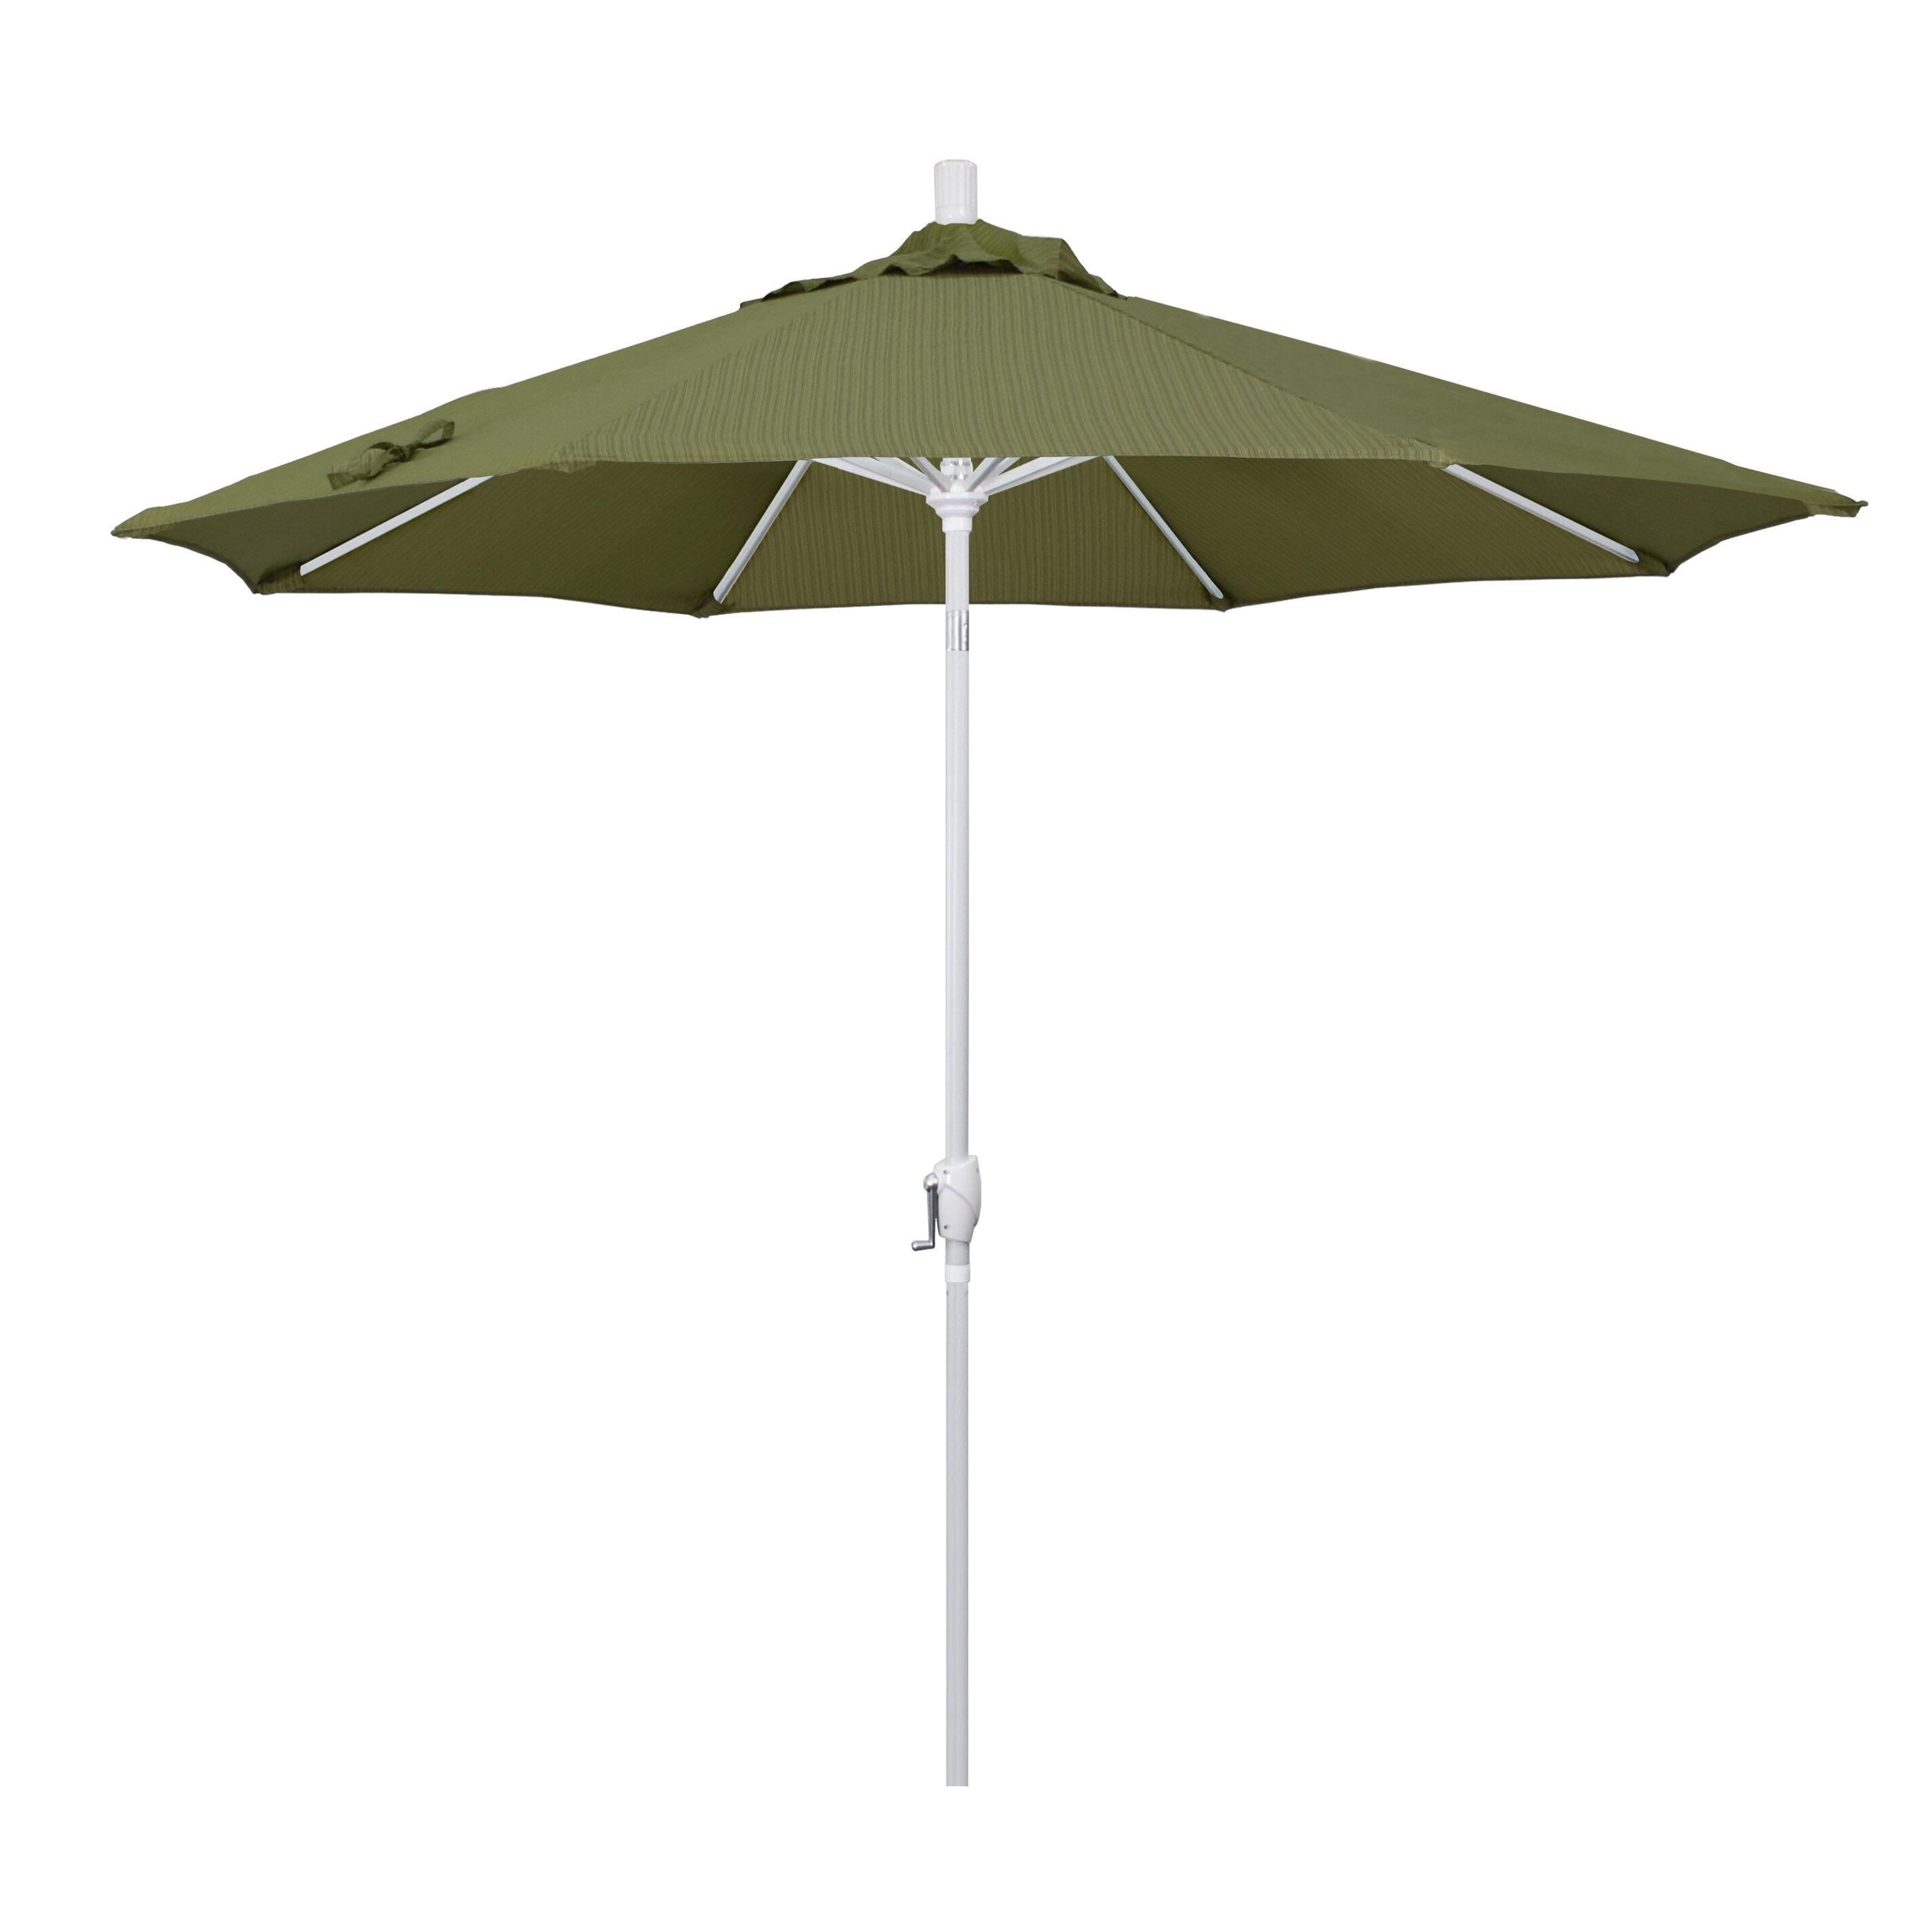 012788a665d39 Darby Home Co Wallach 9' Market Umbrella   Wayfair